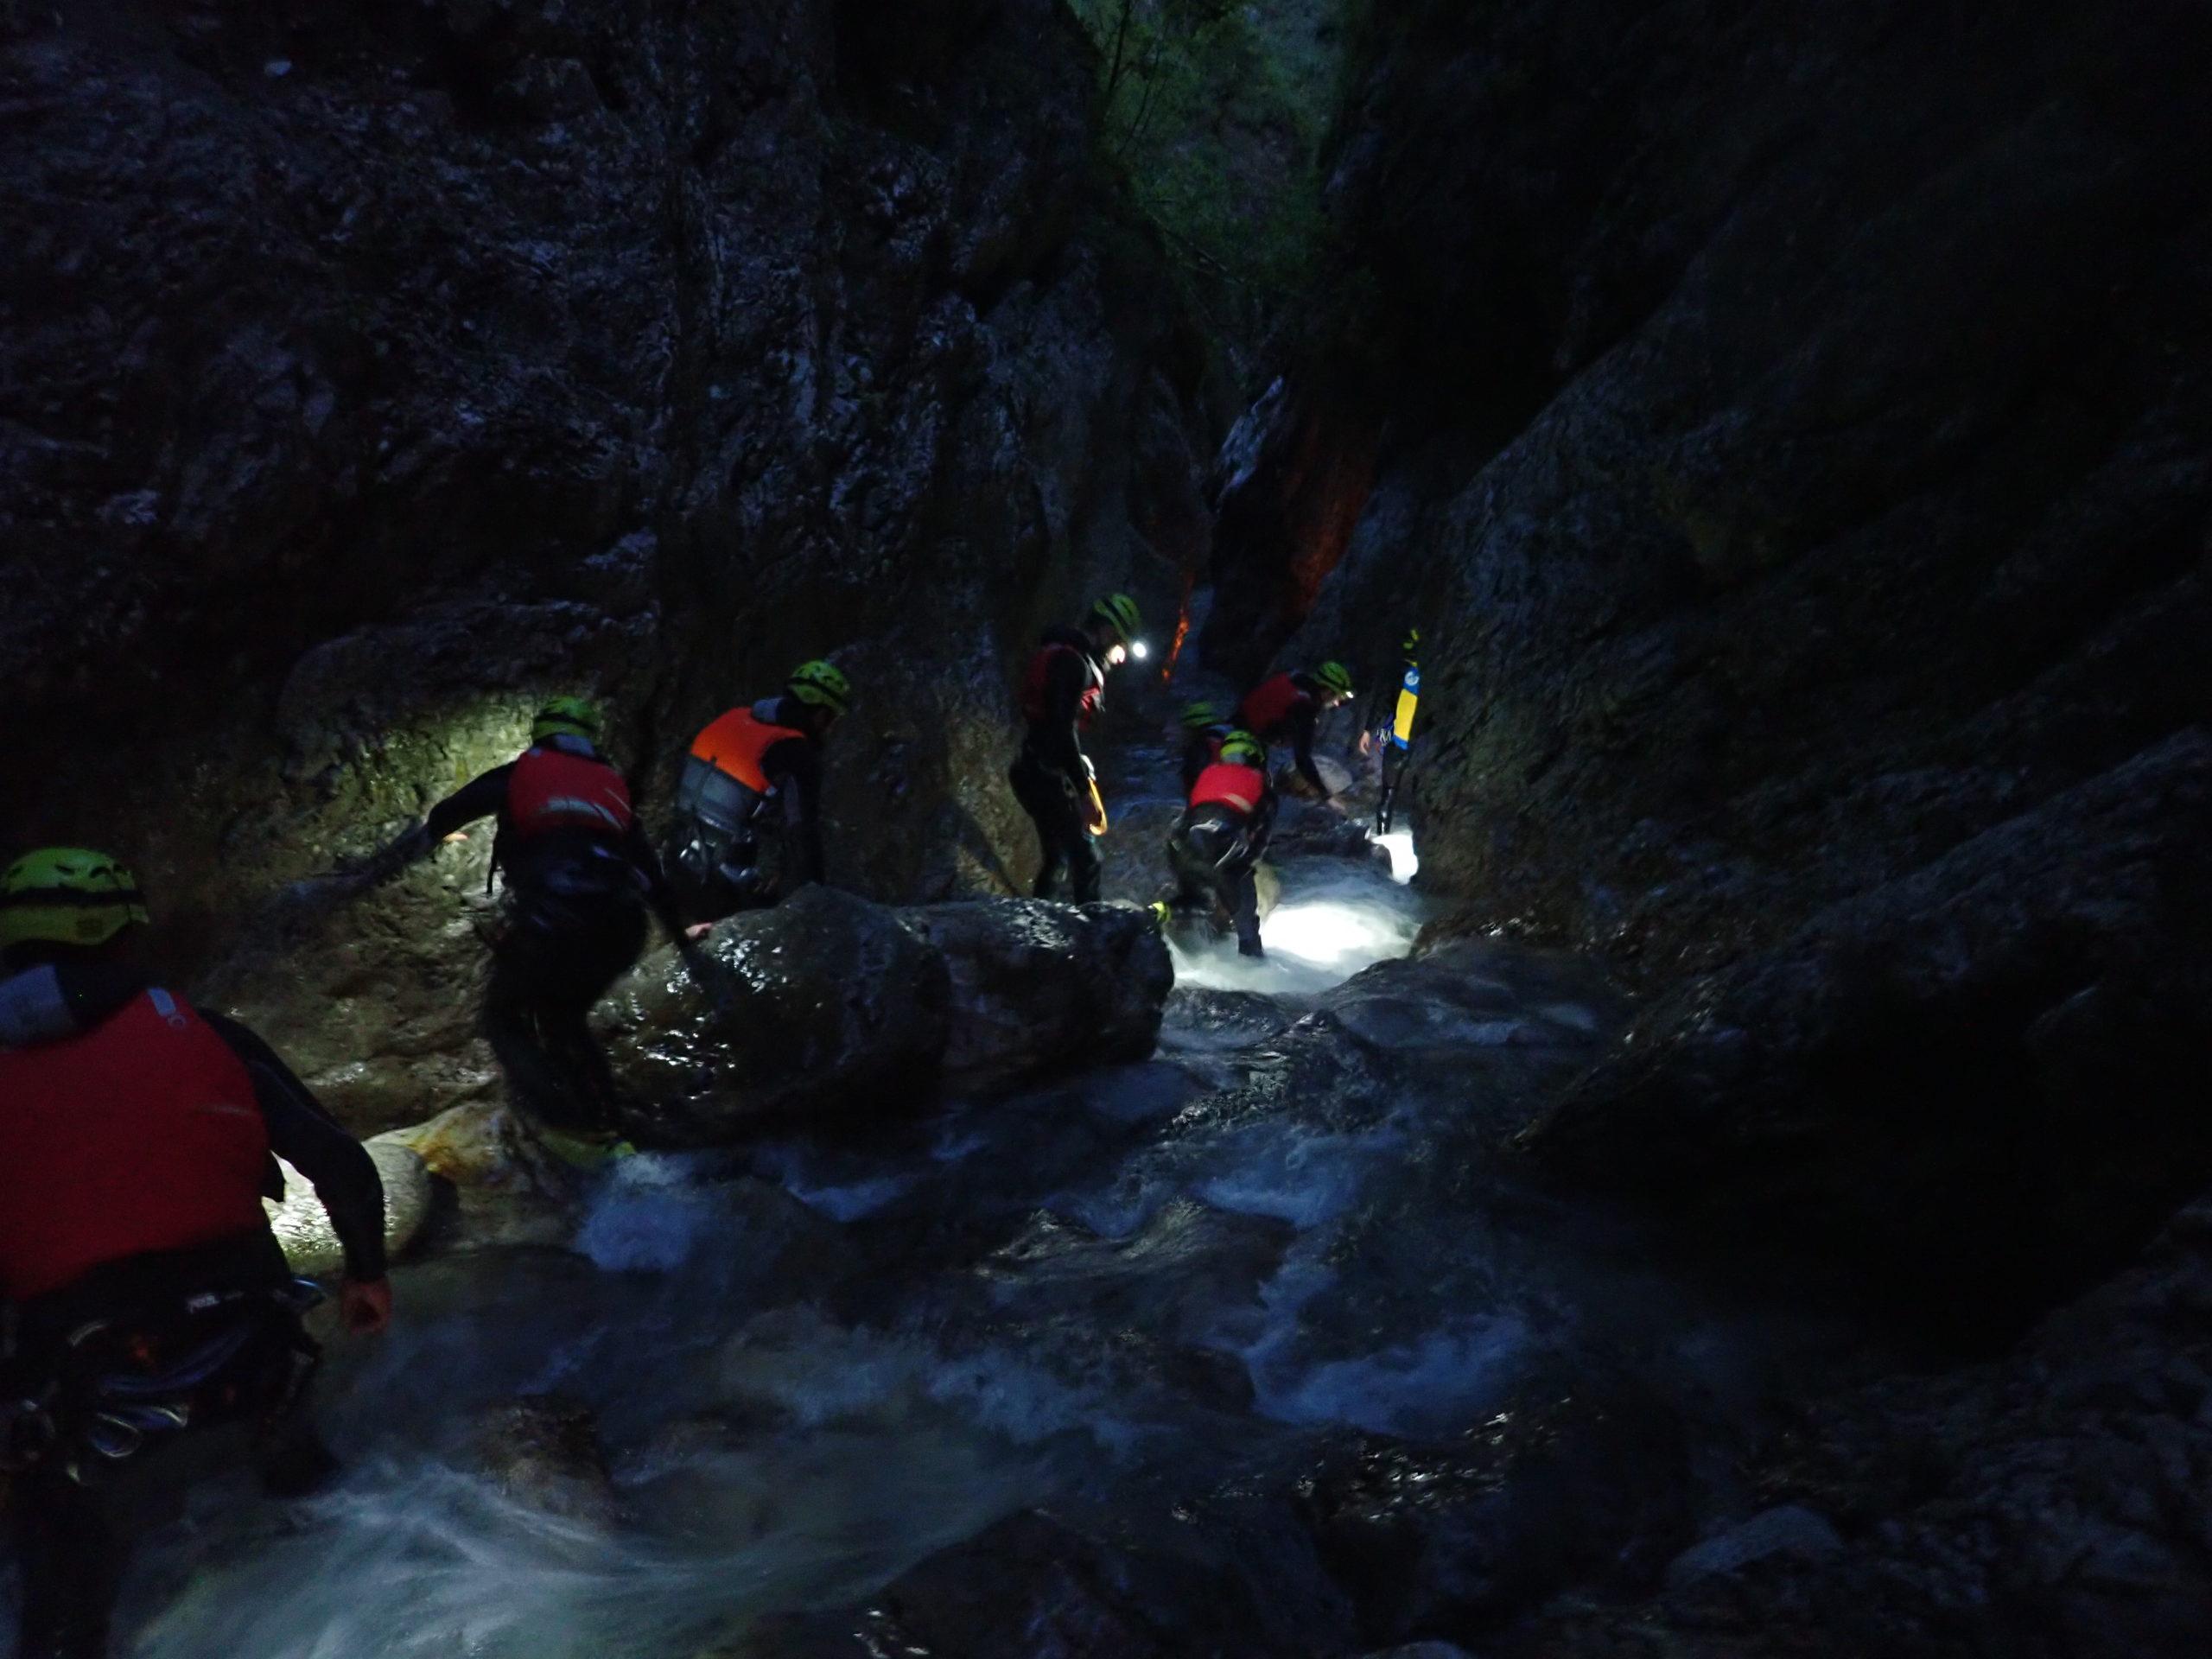 Canyoning at night Night Canyoning Trentino